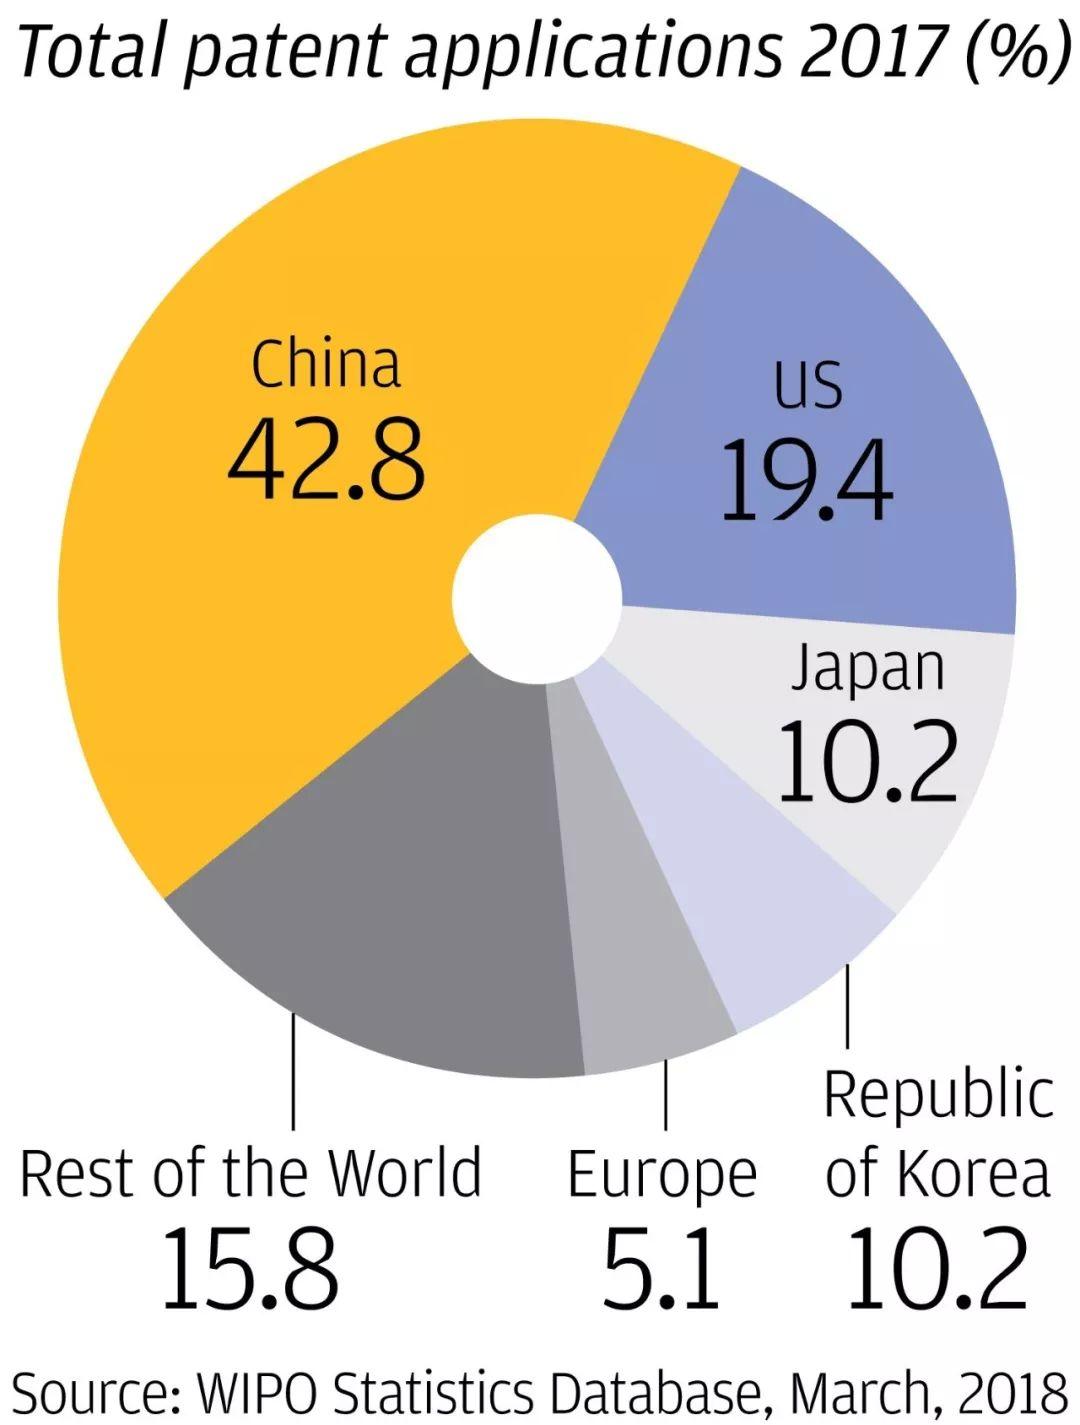 俄媒称21世纪最宝贵资源正从美流向中国 美国人急了济南公积金余额查询